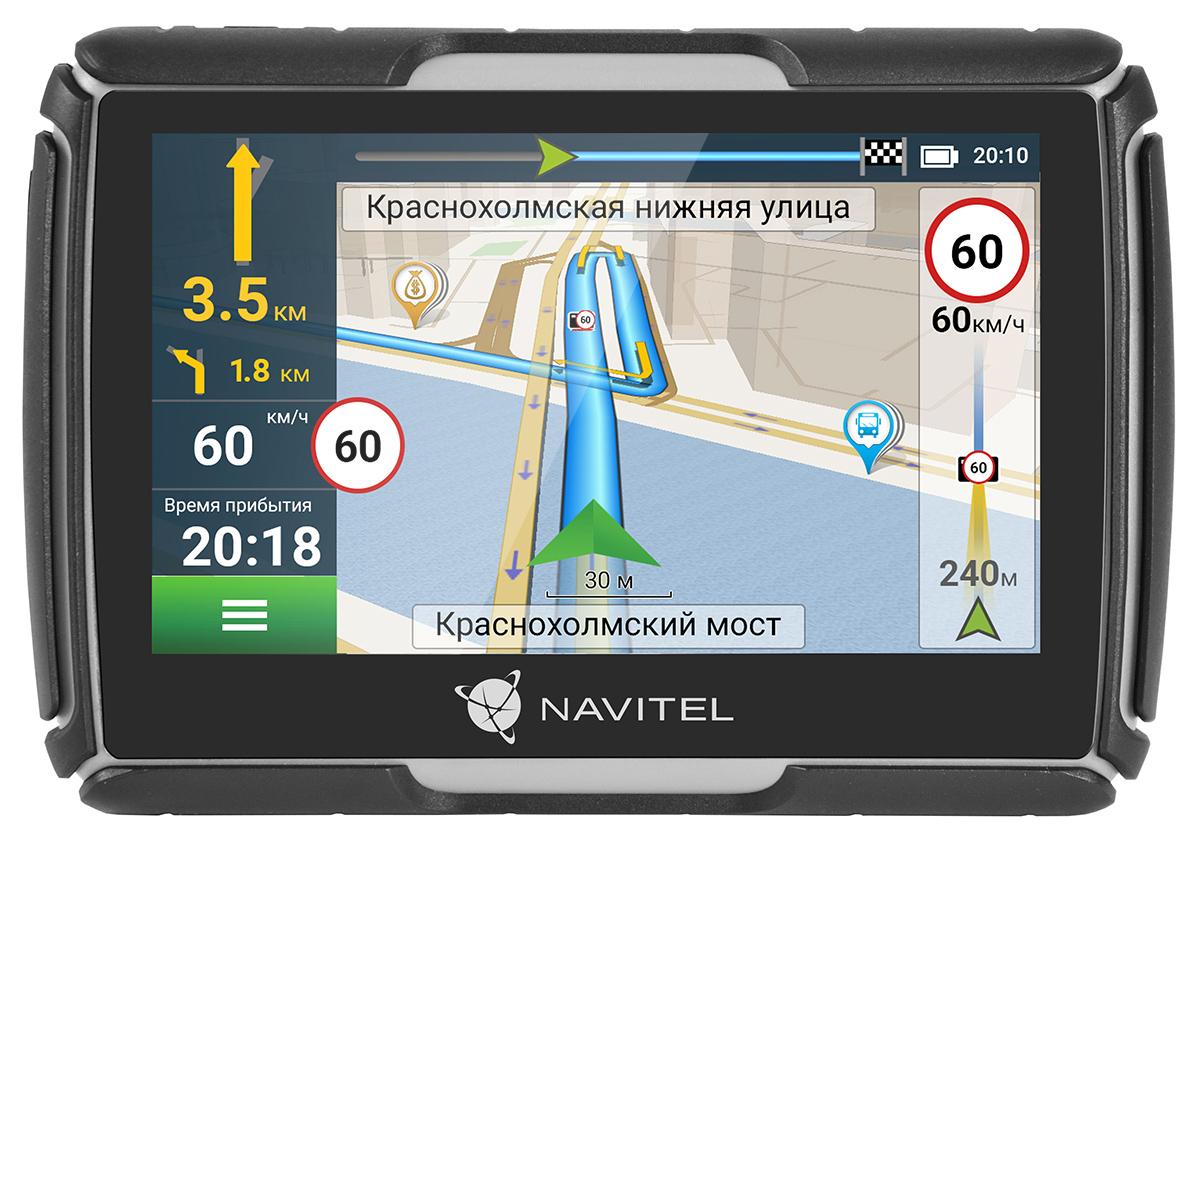 Mото навигатор Navitel G550 (+ Разветвитель в подарок!) все цены